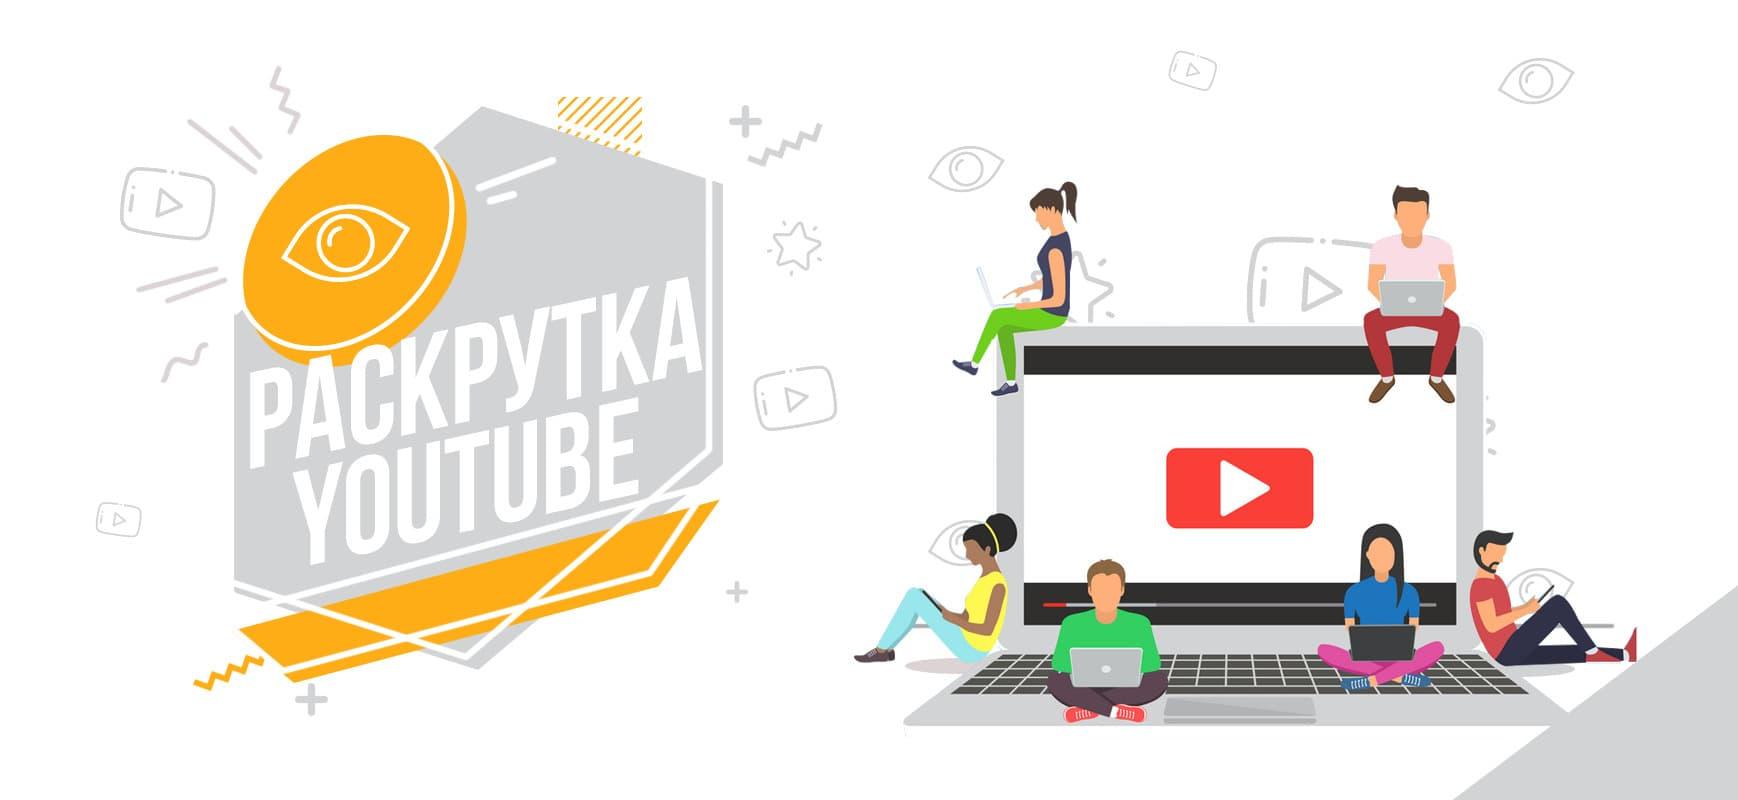 Купить просмотры на видео Ютуб